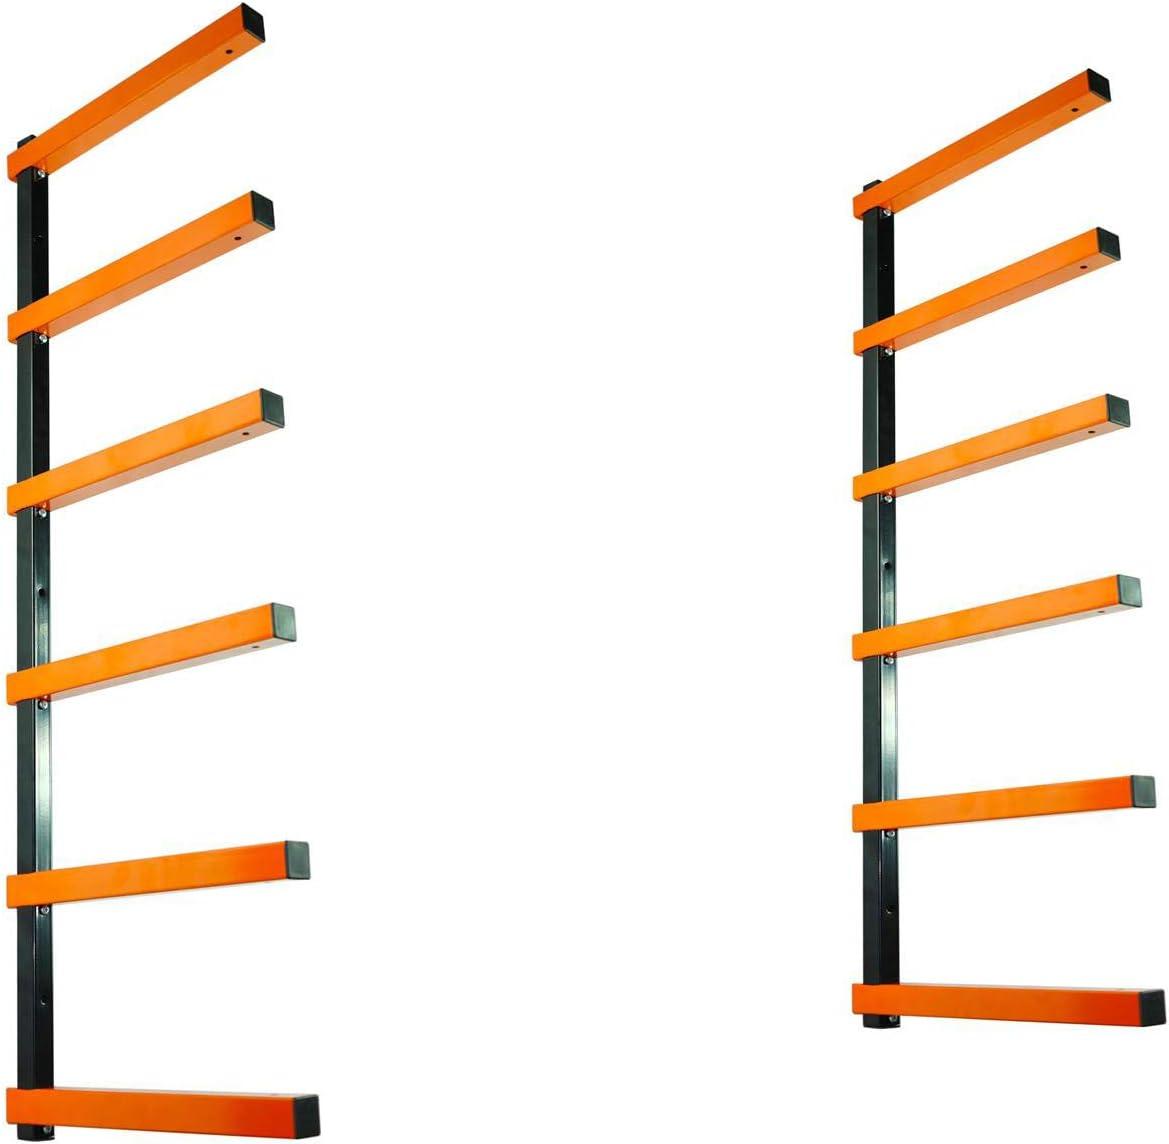 KASTFORCE KF1006 Lumber Storage Rack 6-Level System 110 lbs per Level with Durable Sheet Metal Screws, Wood Rack, Workshop Rack